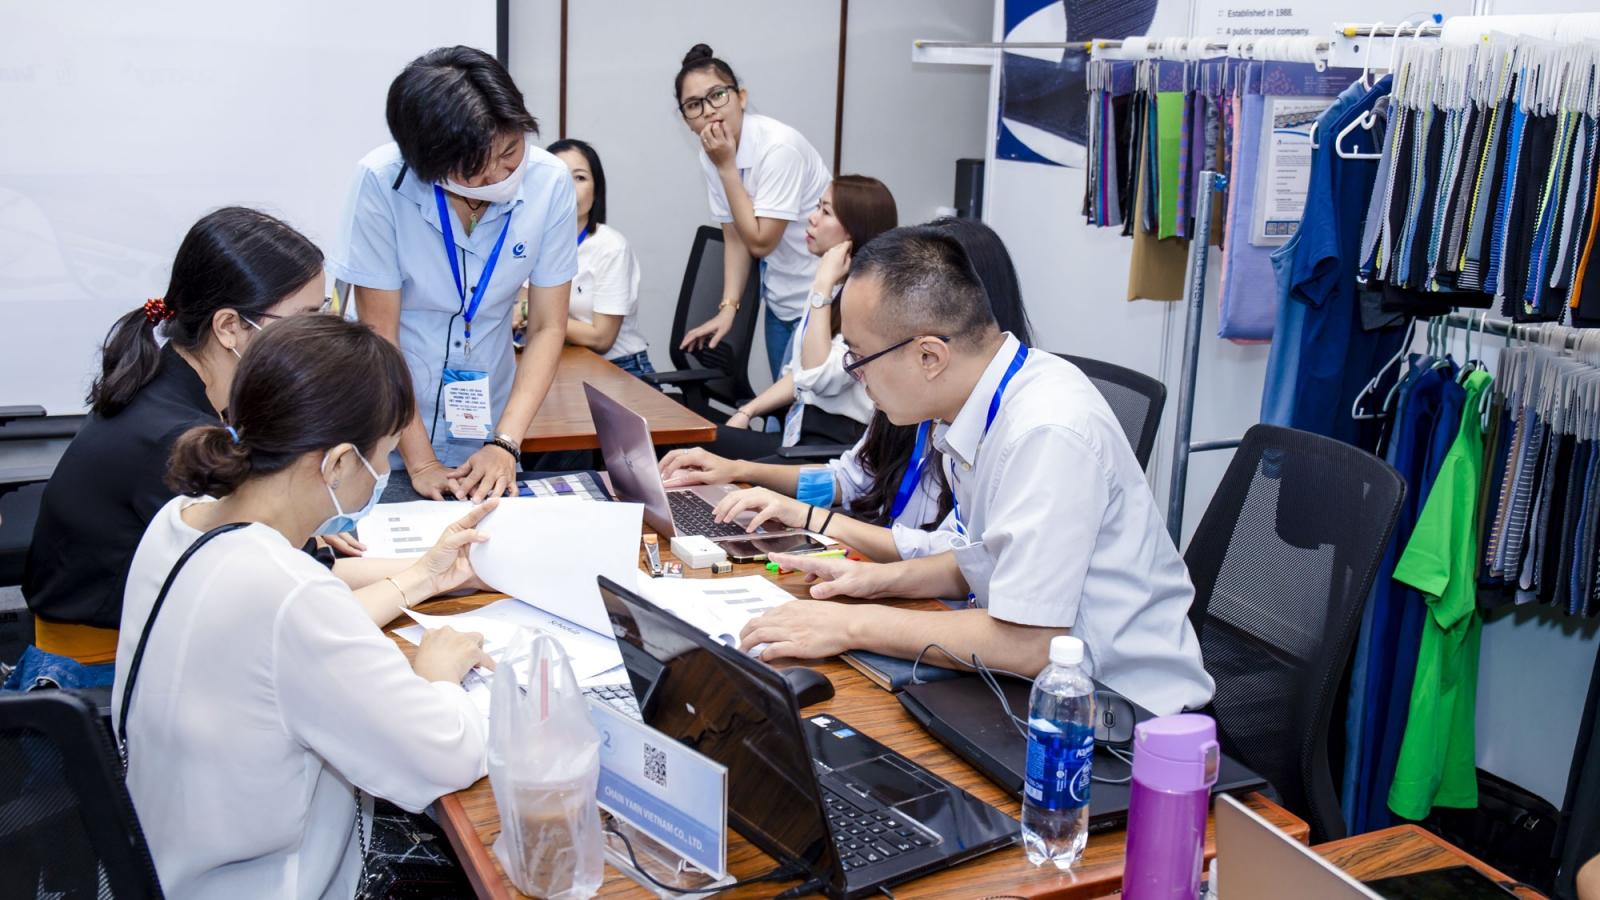 Doanh nghiệp dệt may Đài Loan tìm cơ hội hợp tác tại Việt Nam